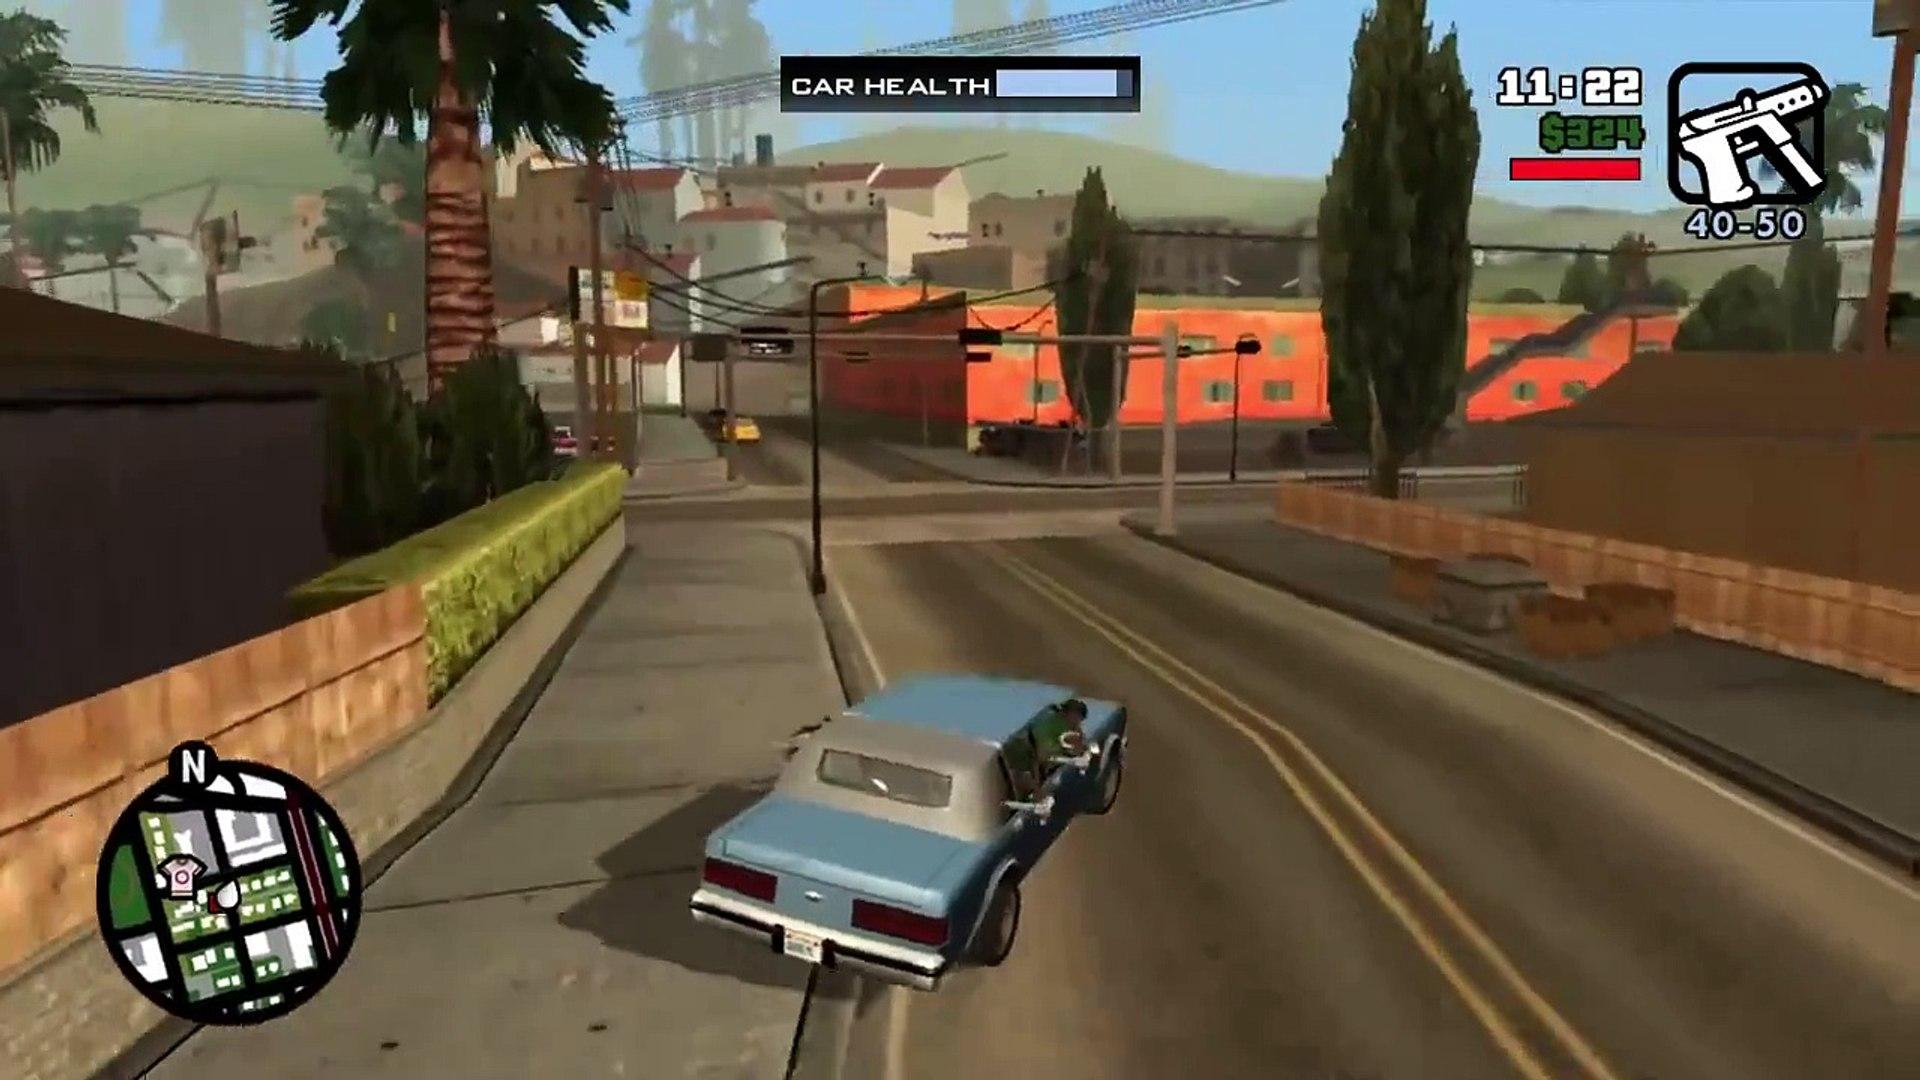 GTA San Andreas HD Walkthrough Part 4 - SWEET'S GIRL - San Andreas Remastered Gameplay